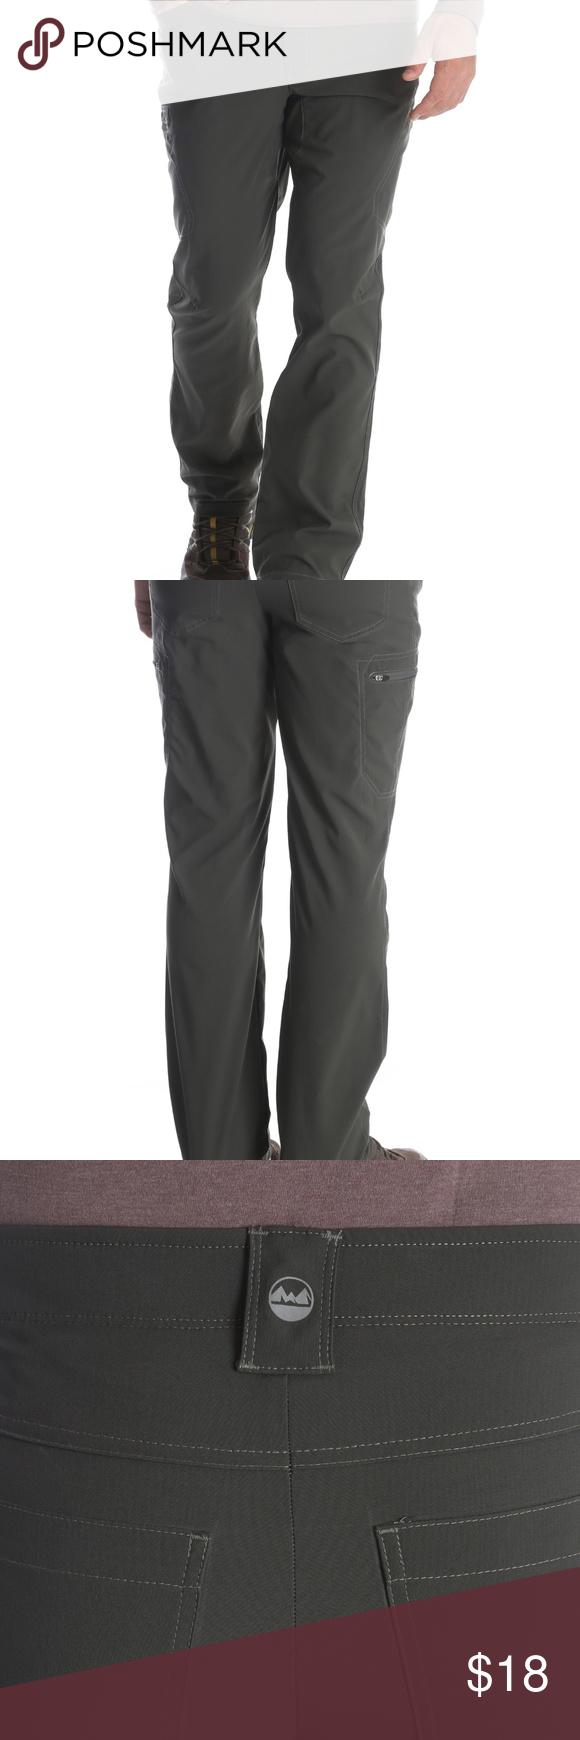 Wrangler Men S Outdoor Comfort Flex Cargo Pant Wrangler Pants Wrangler Pants Clothes Design Wrangler